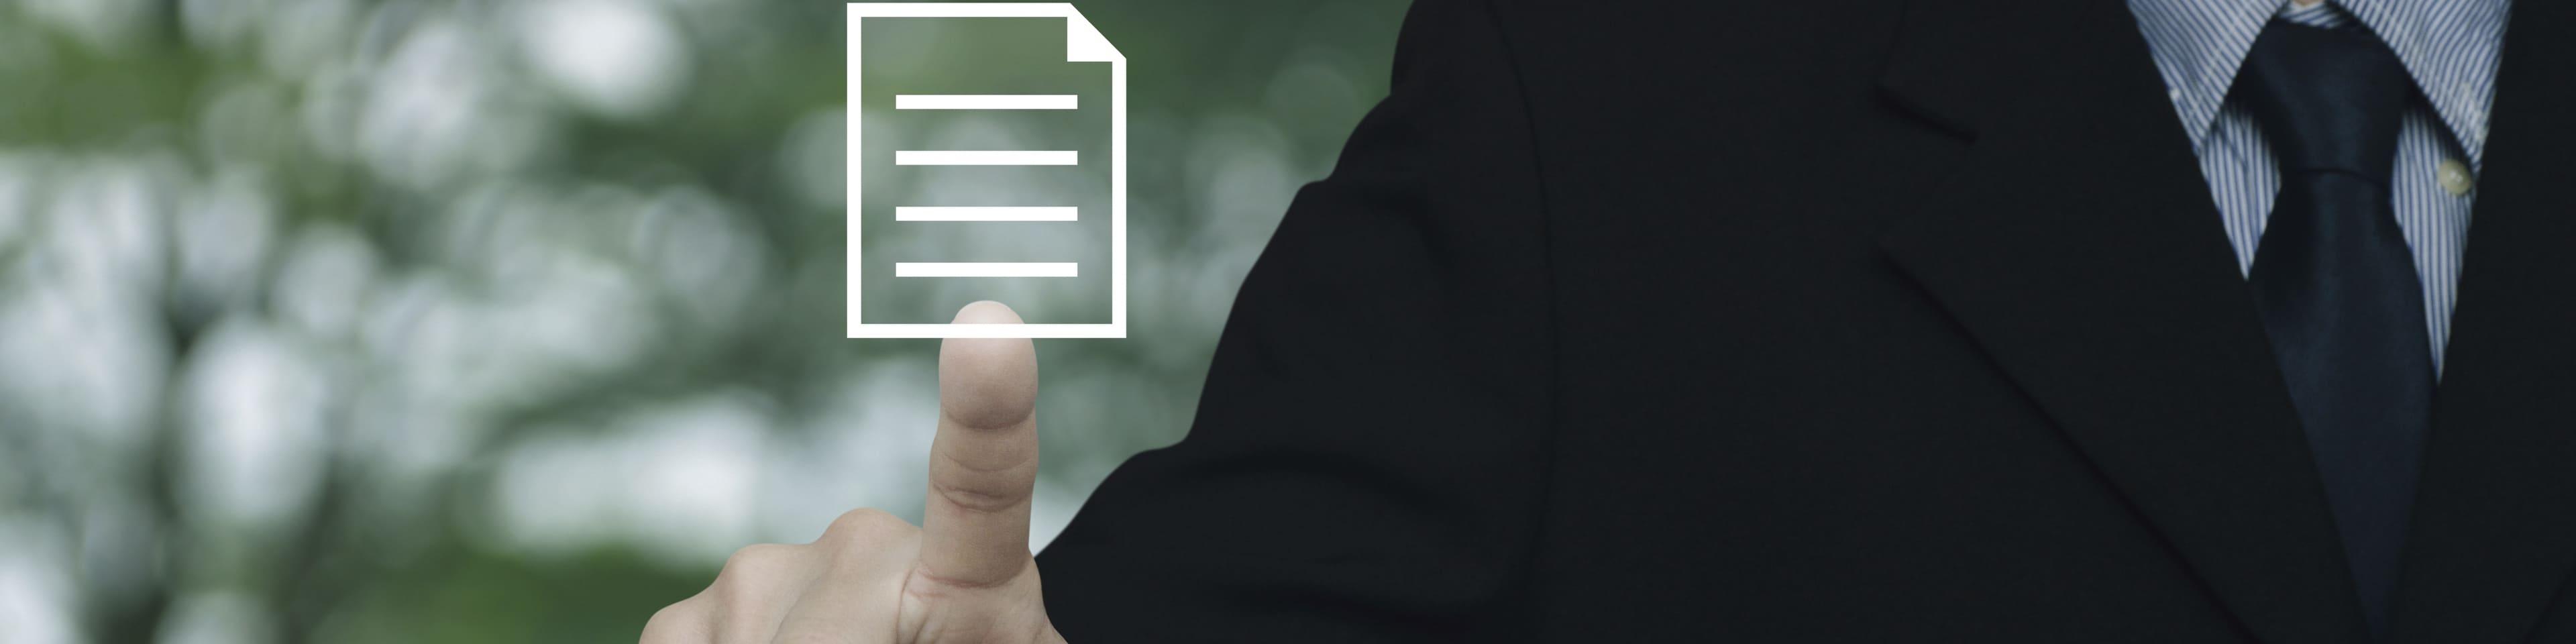 Hur kan vi få kontroll över kontraktshanteringsprocesserna?